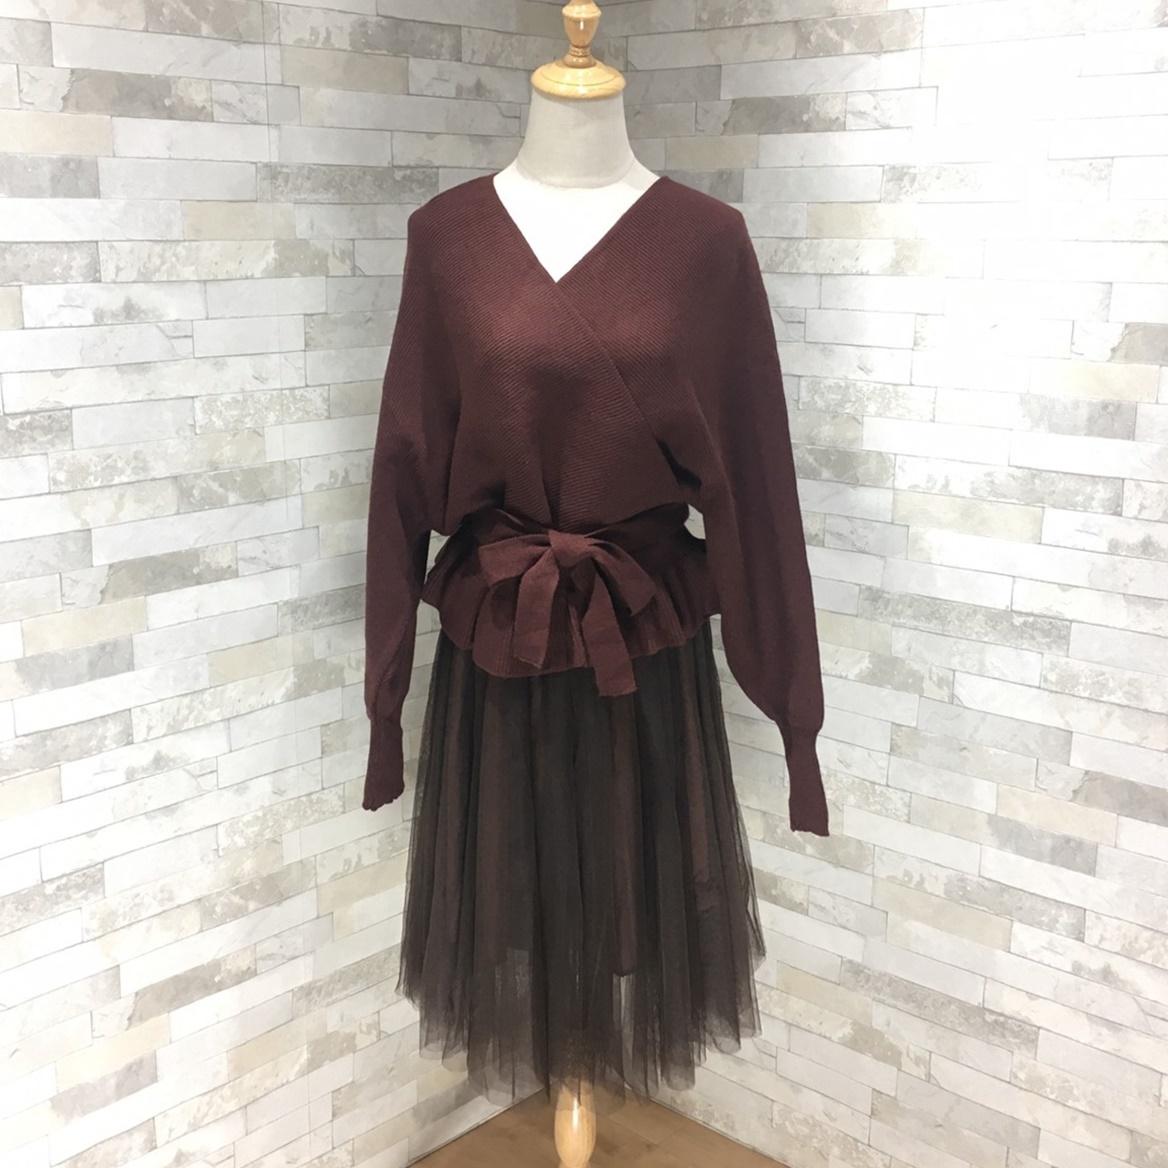 韓国 ファッション セットアップ 秋 冬 春 カジュアル PTXG298  ペプラム ゆったり リブ チュールスカート オルチャン シンプル 定番 セレカジの写真2枚目